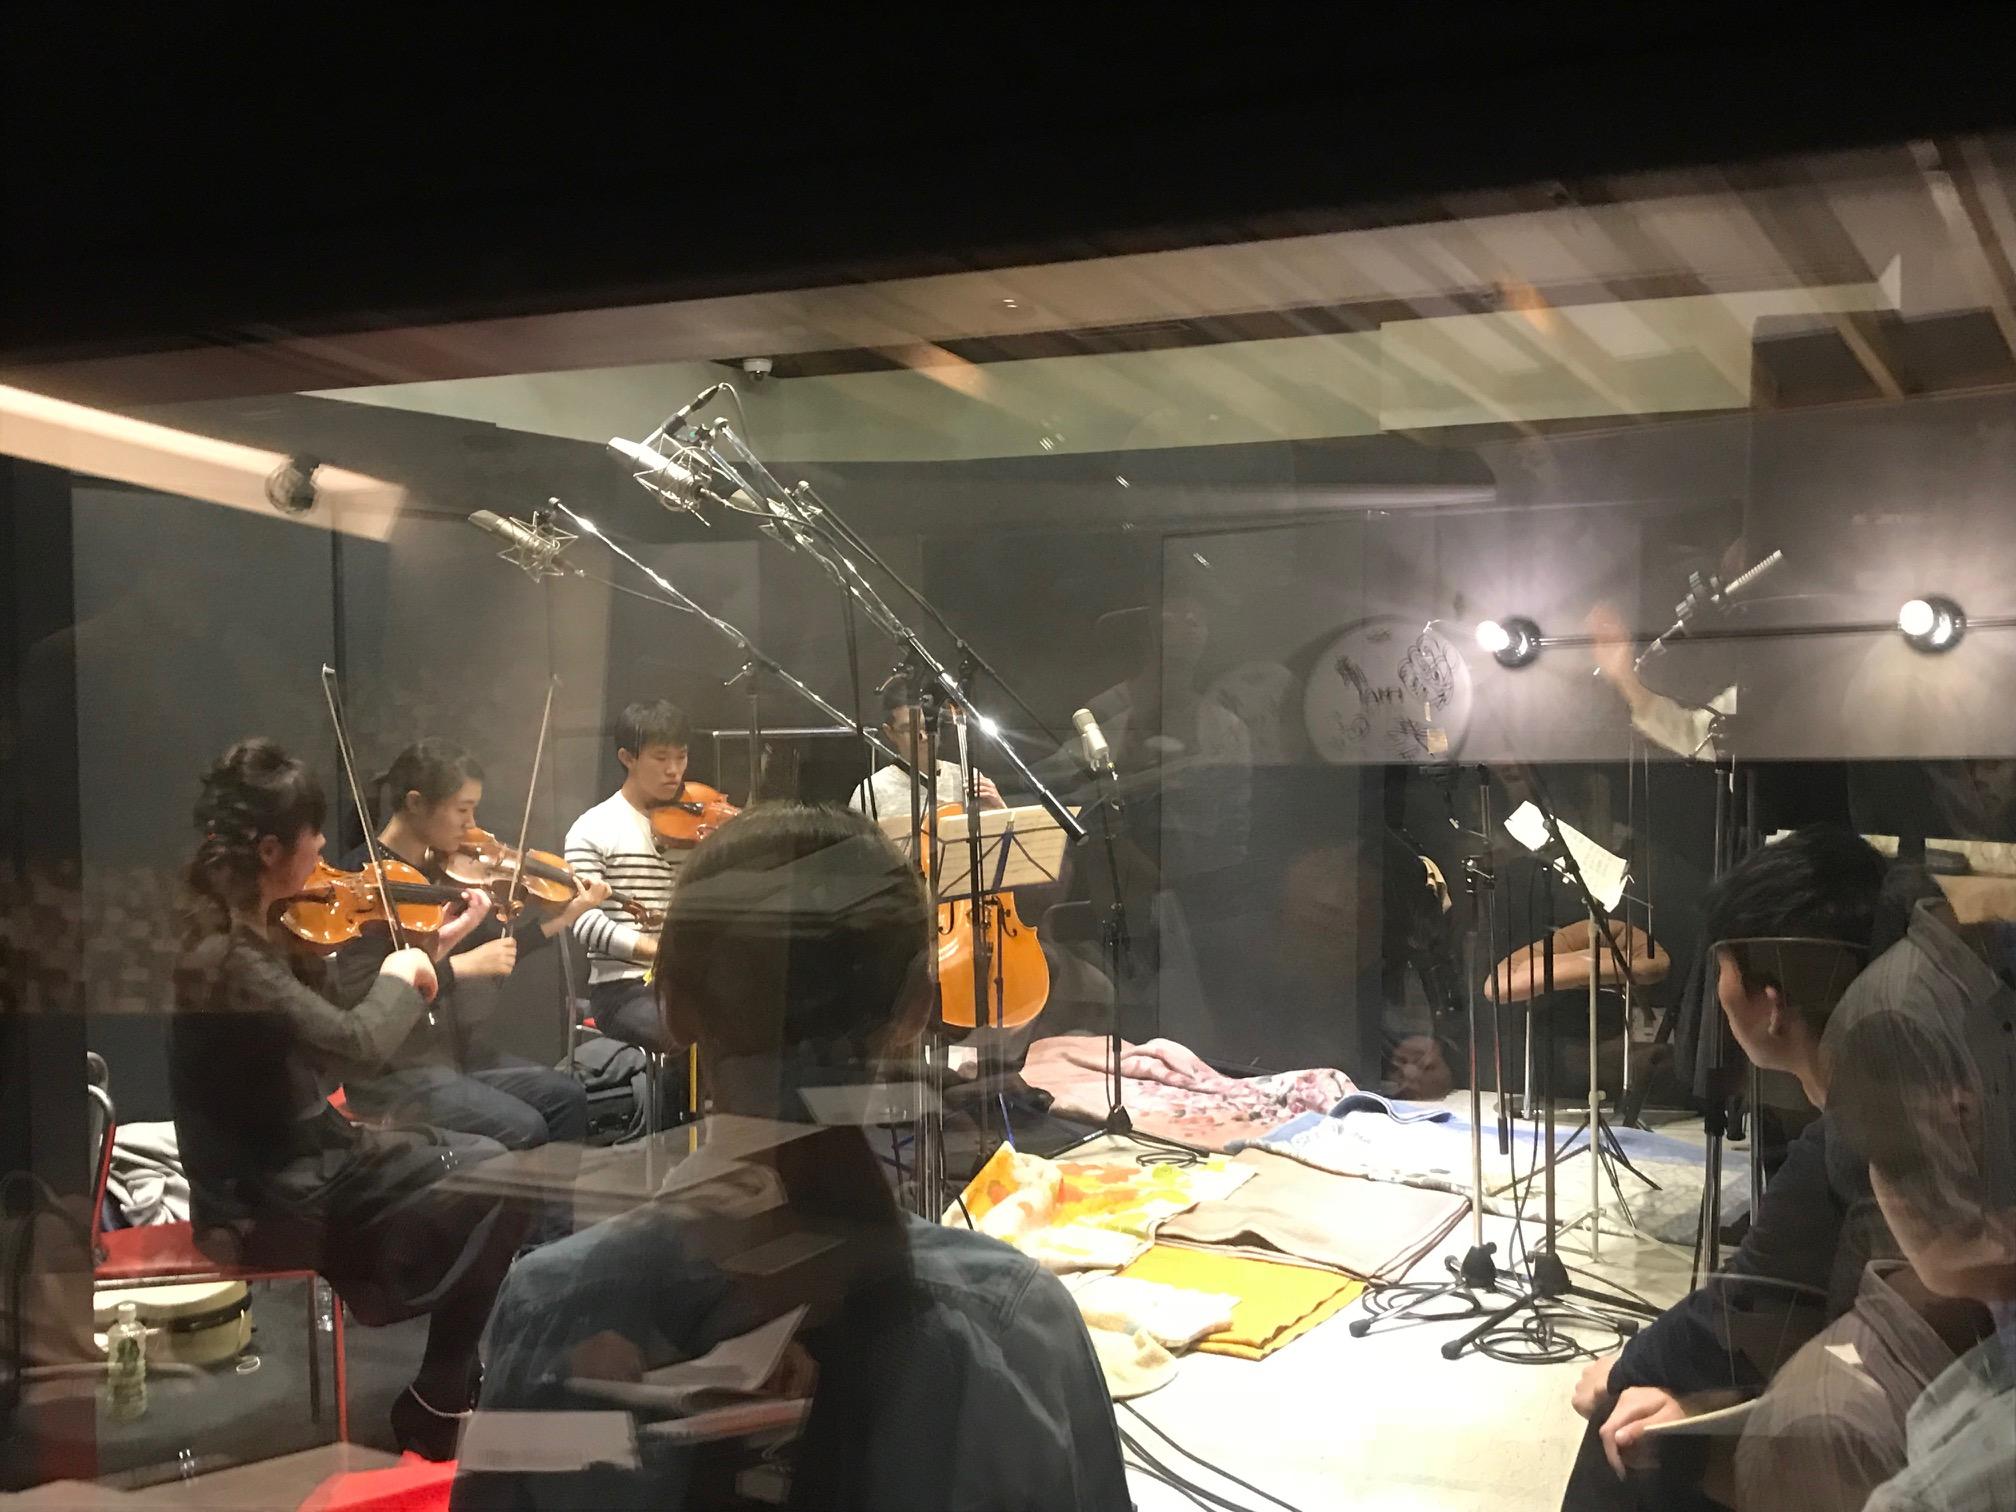 特別講座・弦楽四重奏レコーディングの様子。国立音楽院レコーディングスタジオにて。コントロールルームから隣室の演奏スタジオを眺めるアングル。